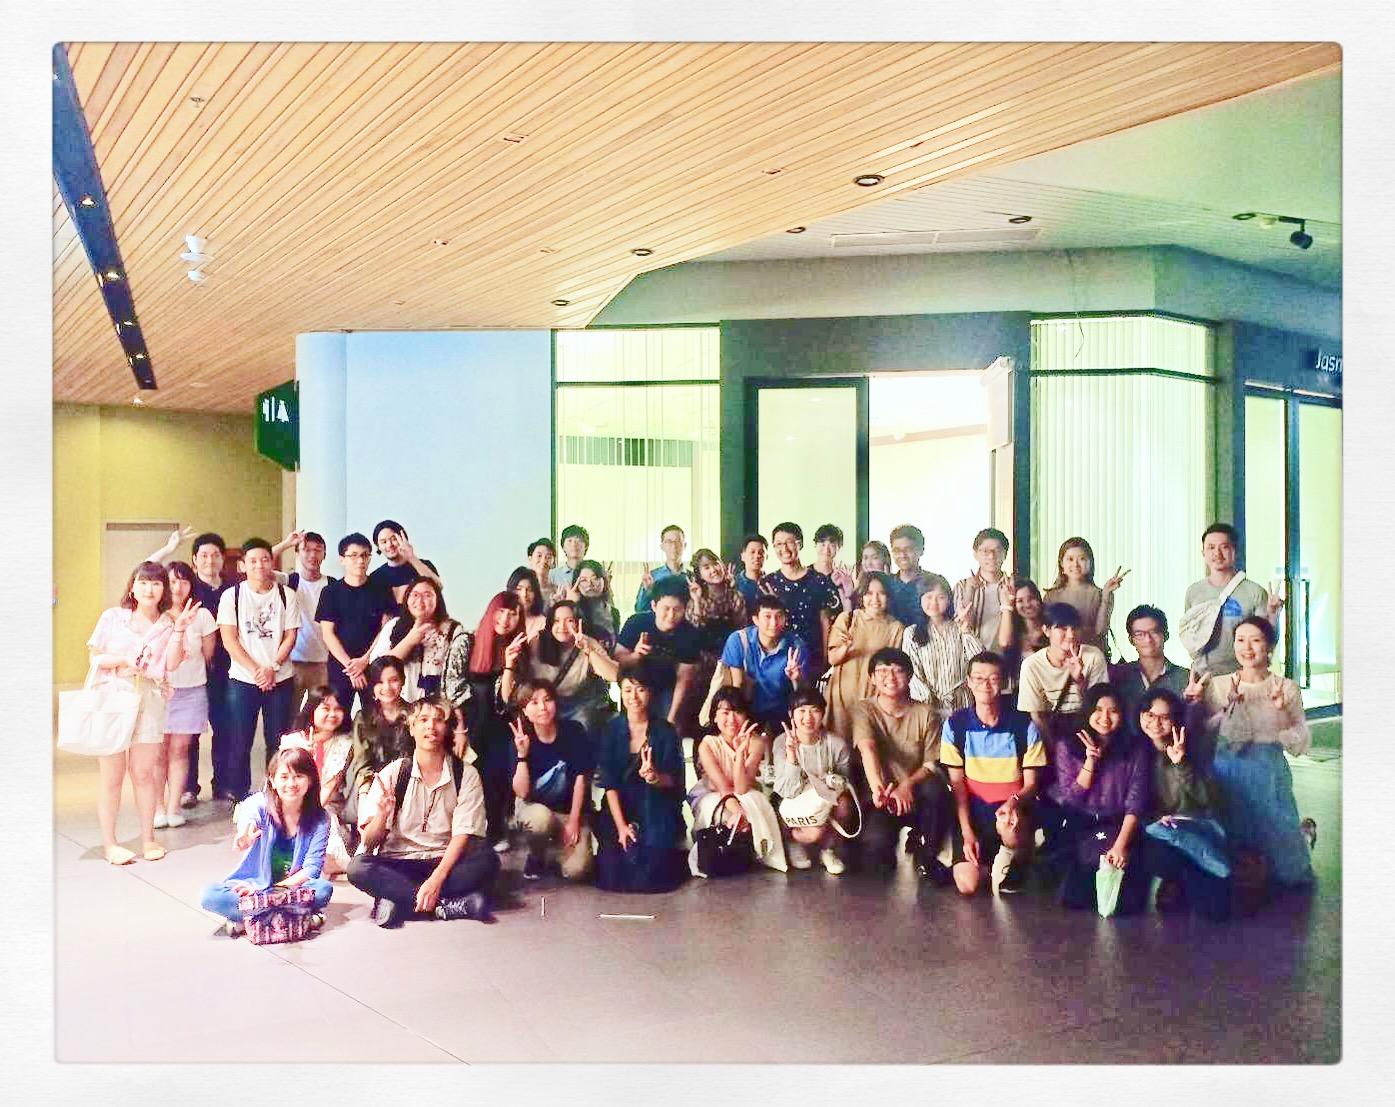 58th_jtc_bangkok